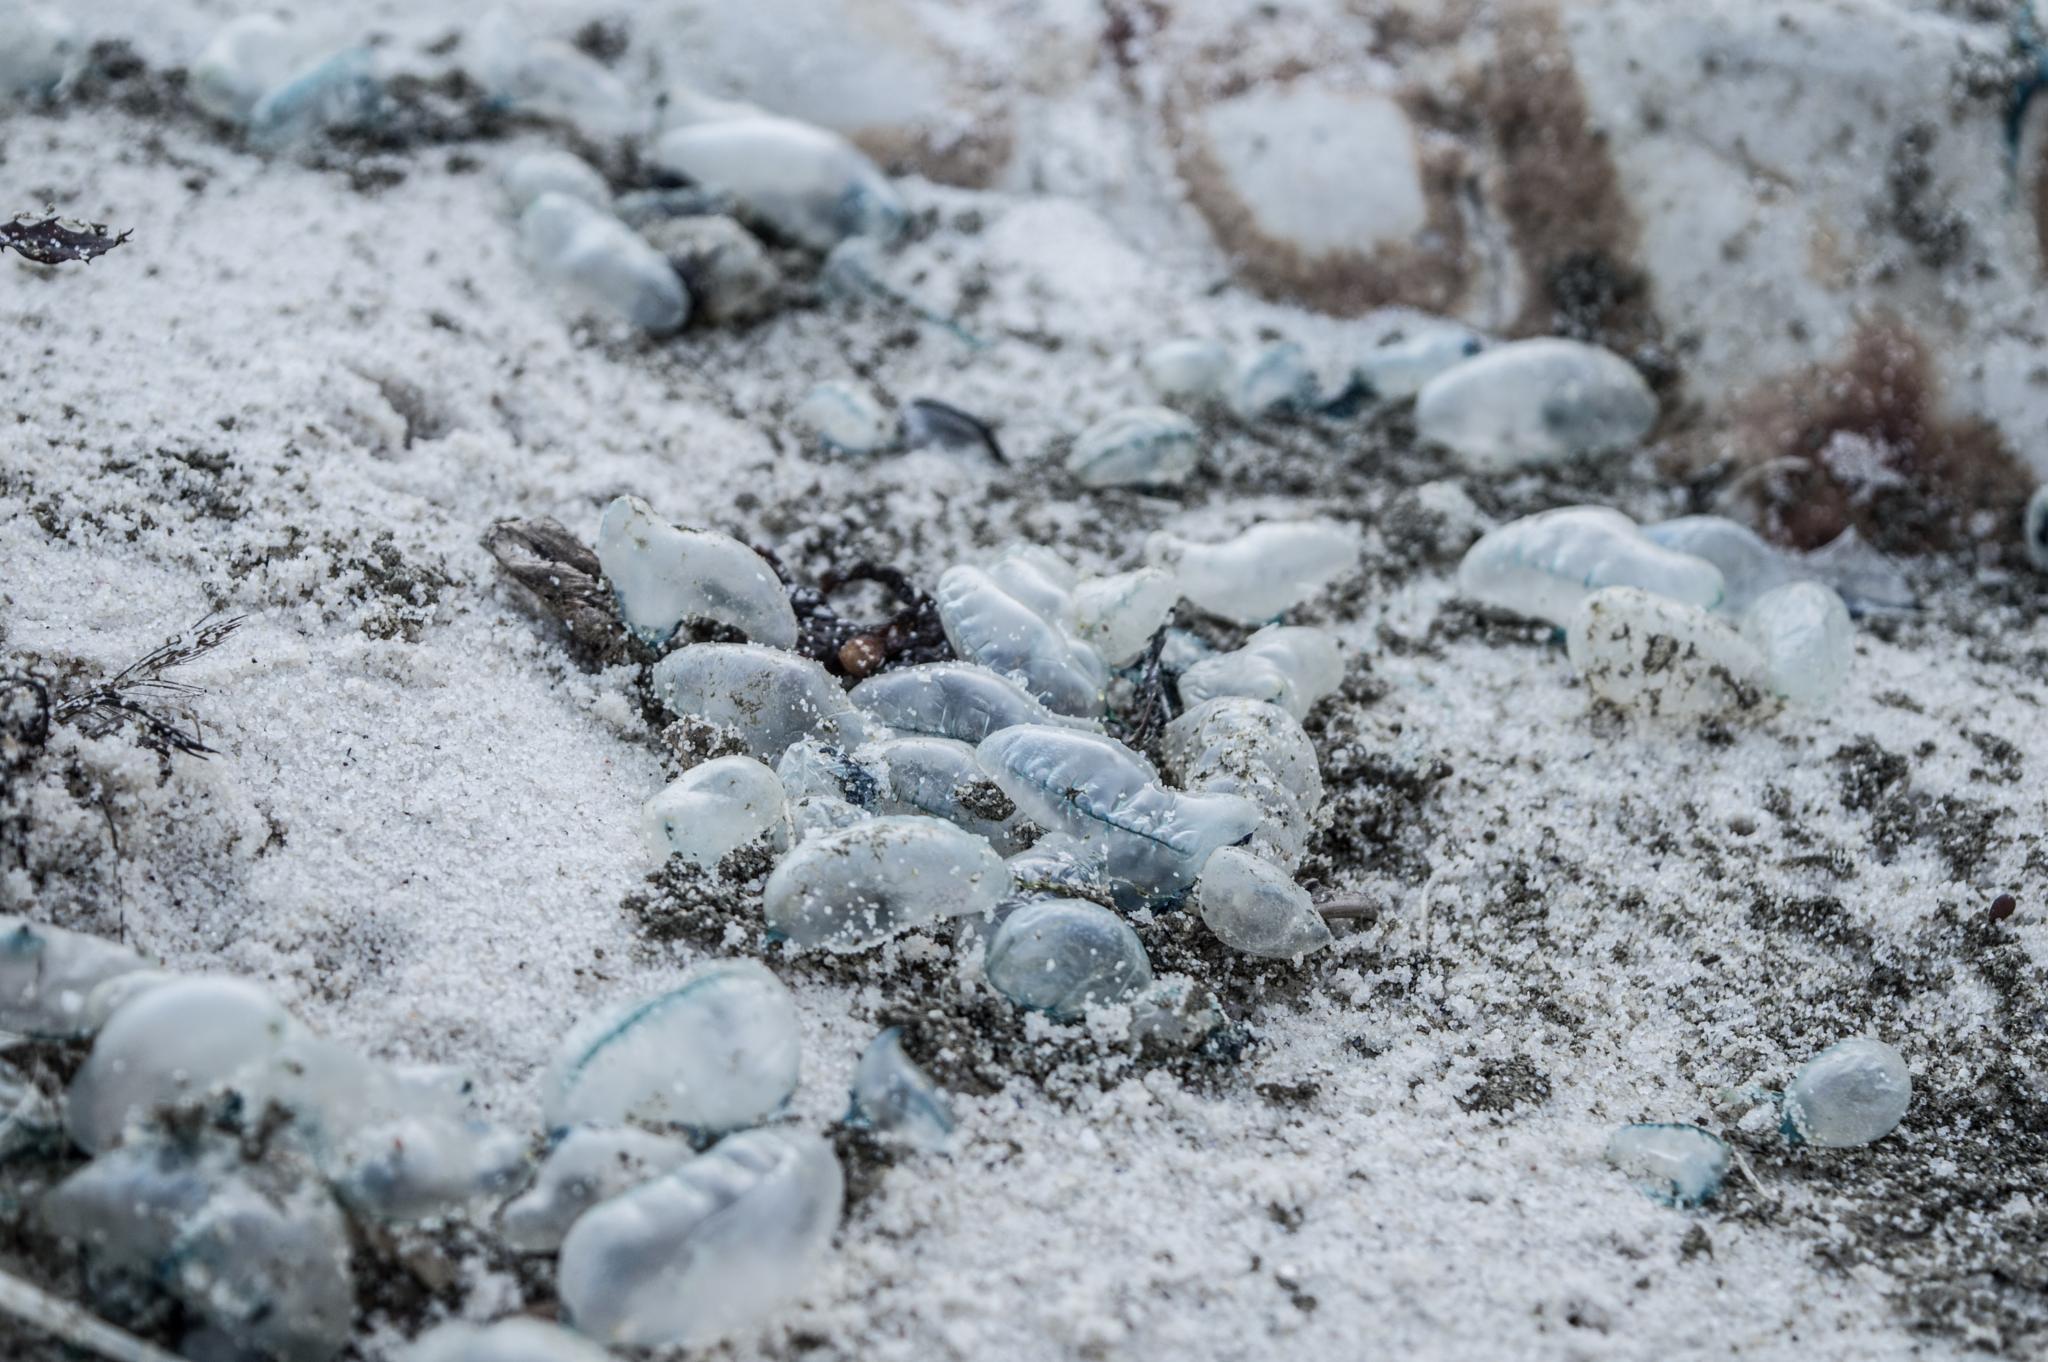 Blue Bottles by Bernard Risseeuw